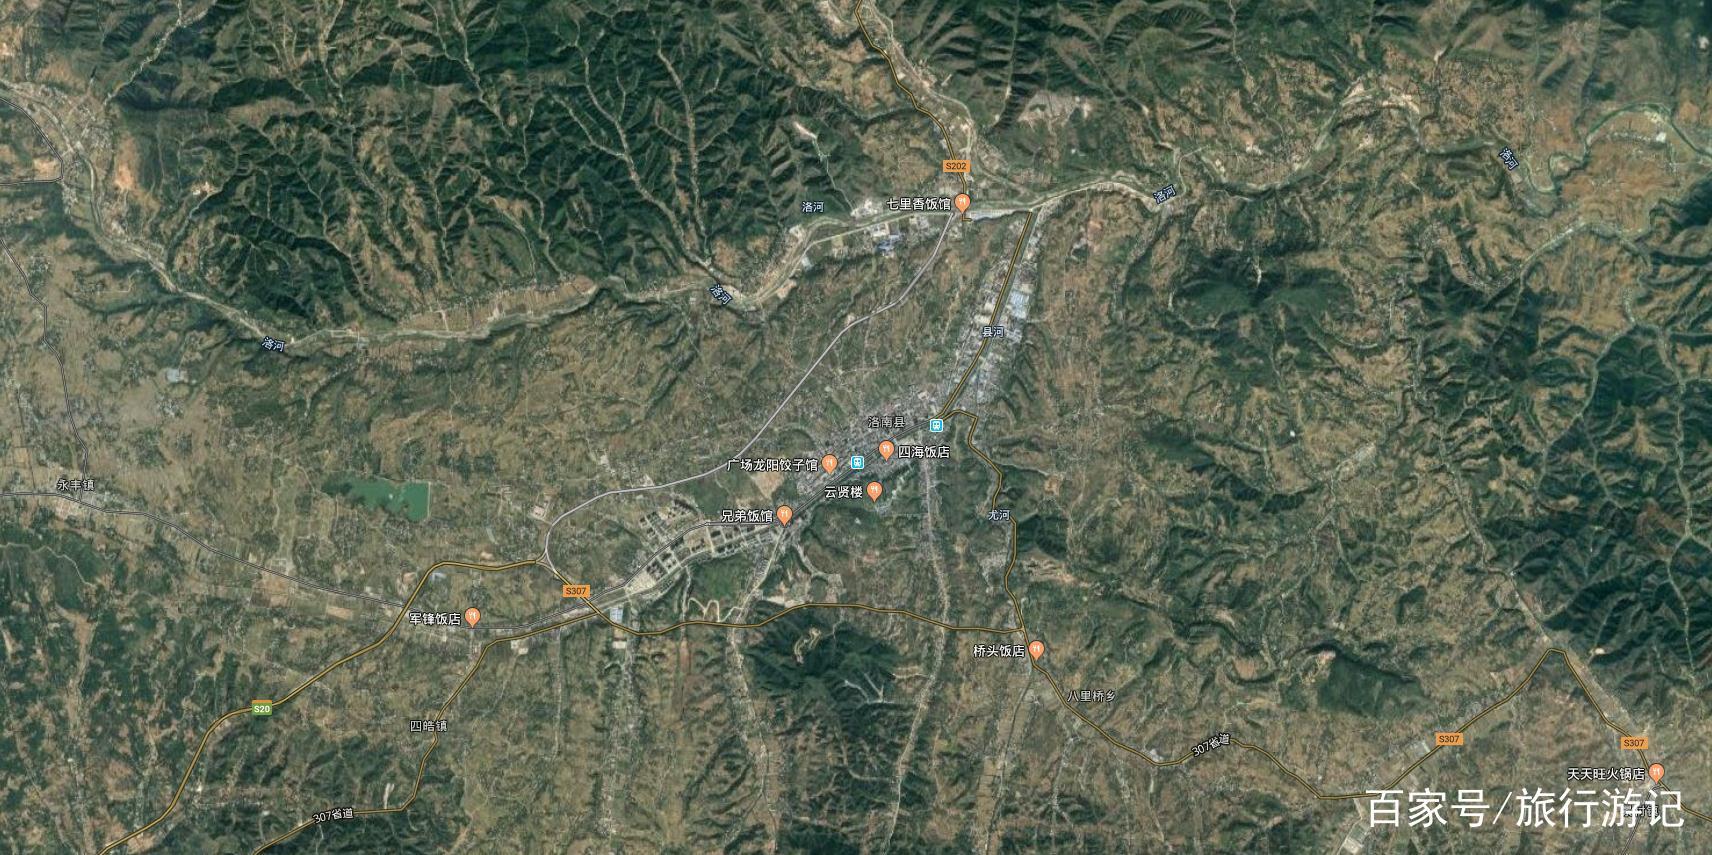 洛南县人口_省政府发红包了 陕西10县获全省先进县表彰,每个县奖500万